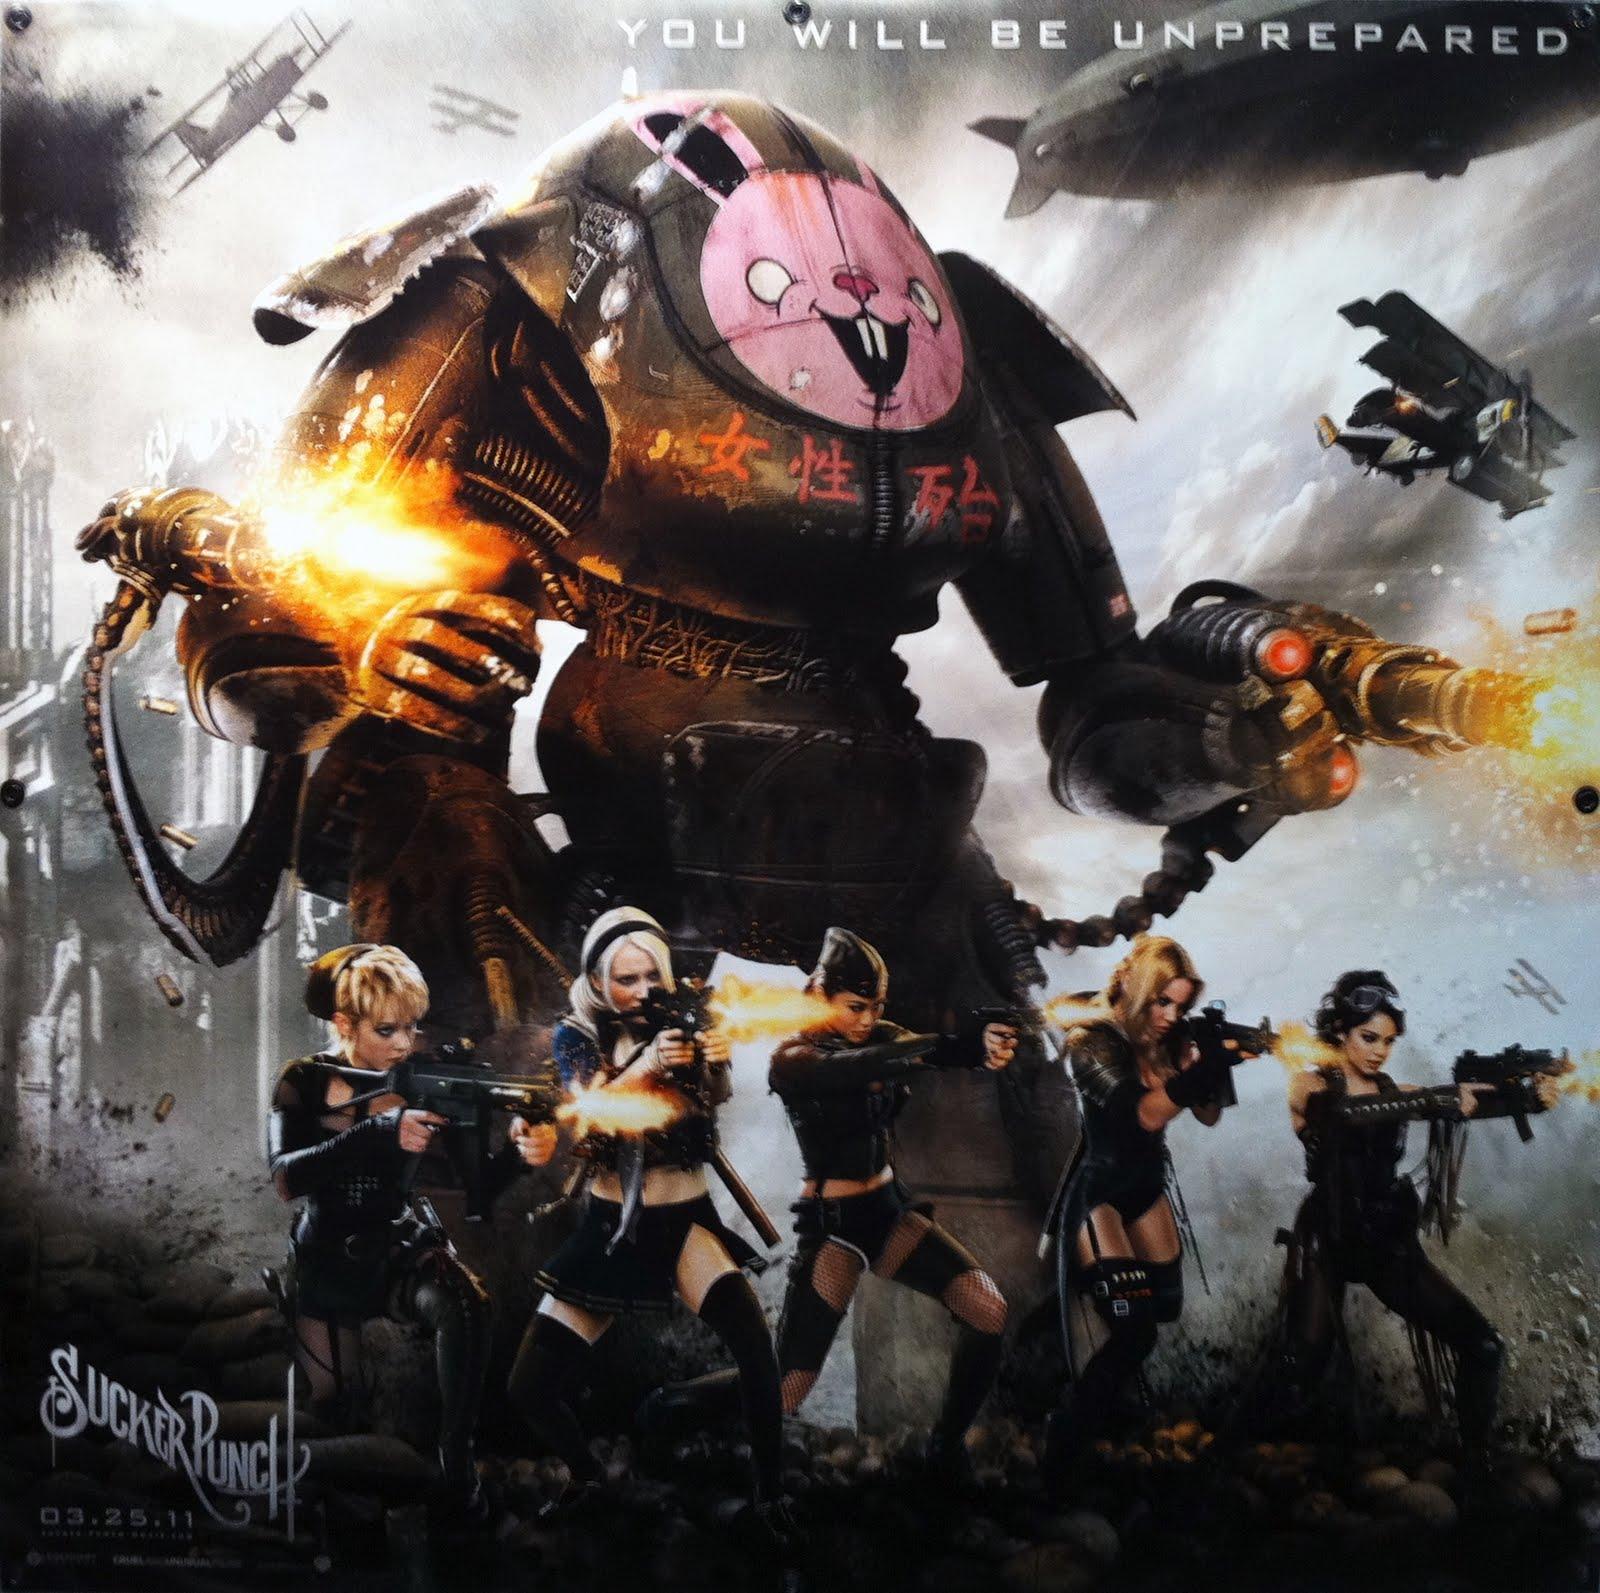 http://4.bp.blogspot.com/-WVSnyFR1AqY/TWleJybpwDI/AAAAAAAAAIQ/0lpHEPCSGs4/s1600/Sucker-Punch-Poster.jpg